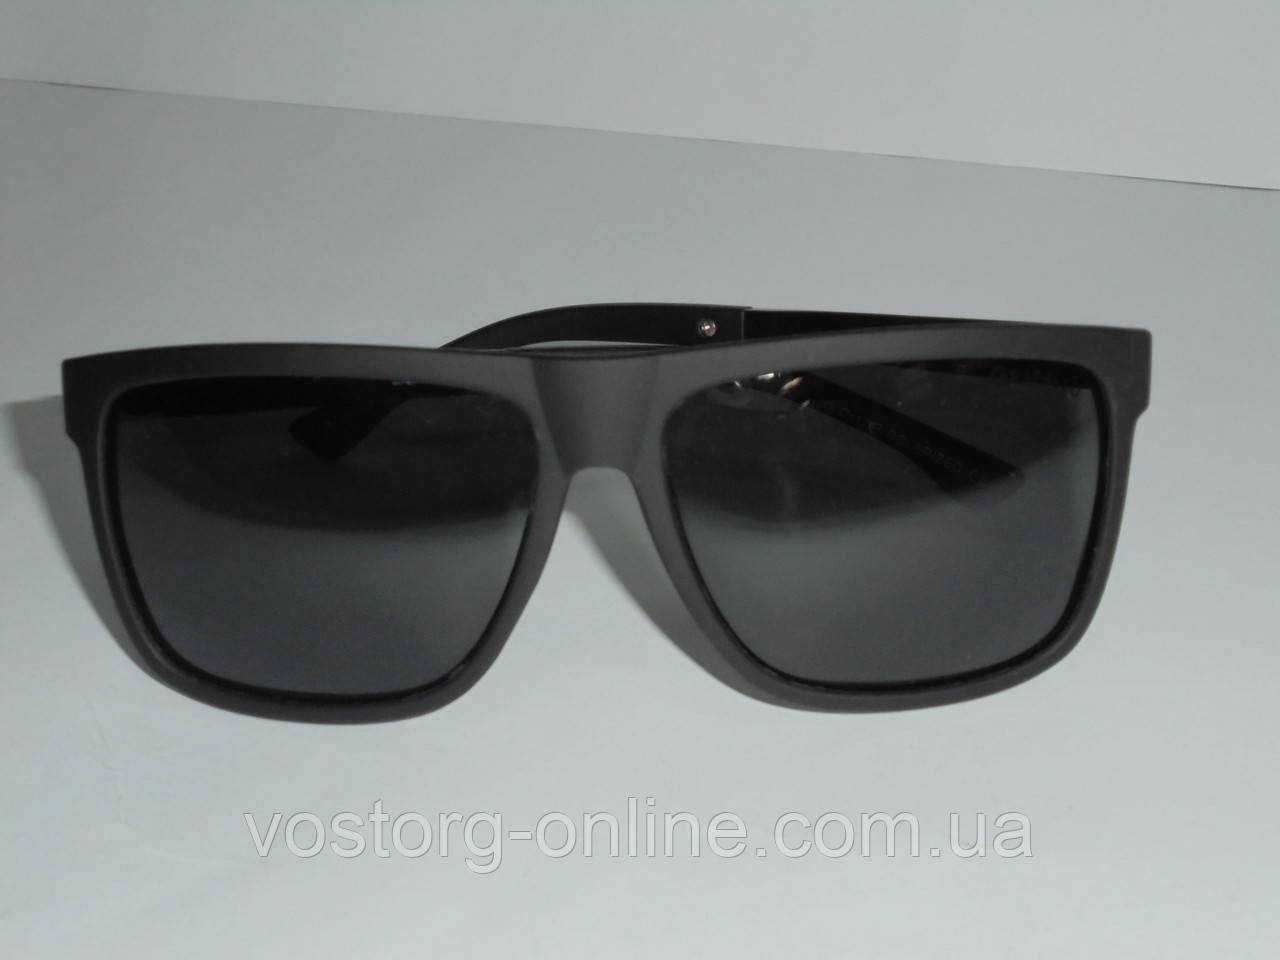 солнцезащитные очки фото мужские